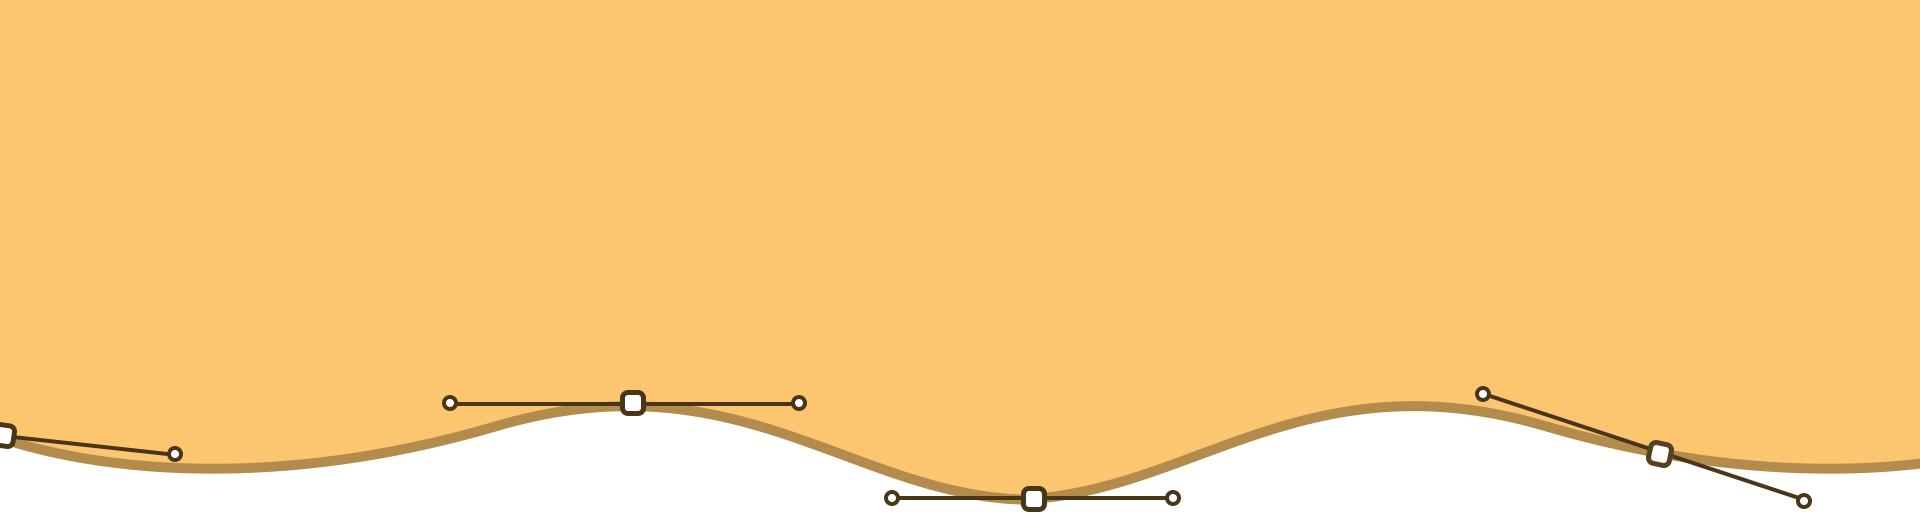 矢量图软件,svg编辑,矢量图制作